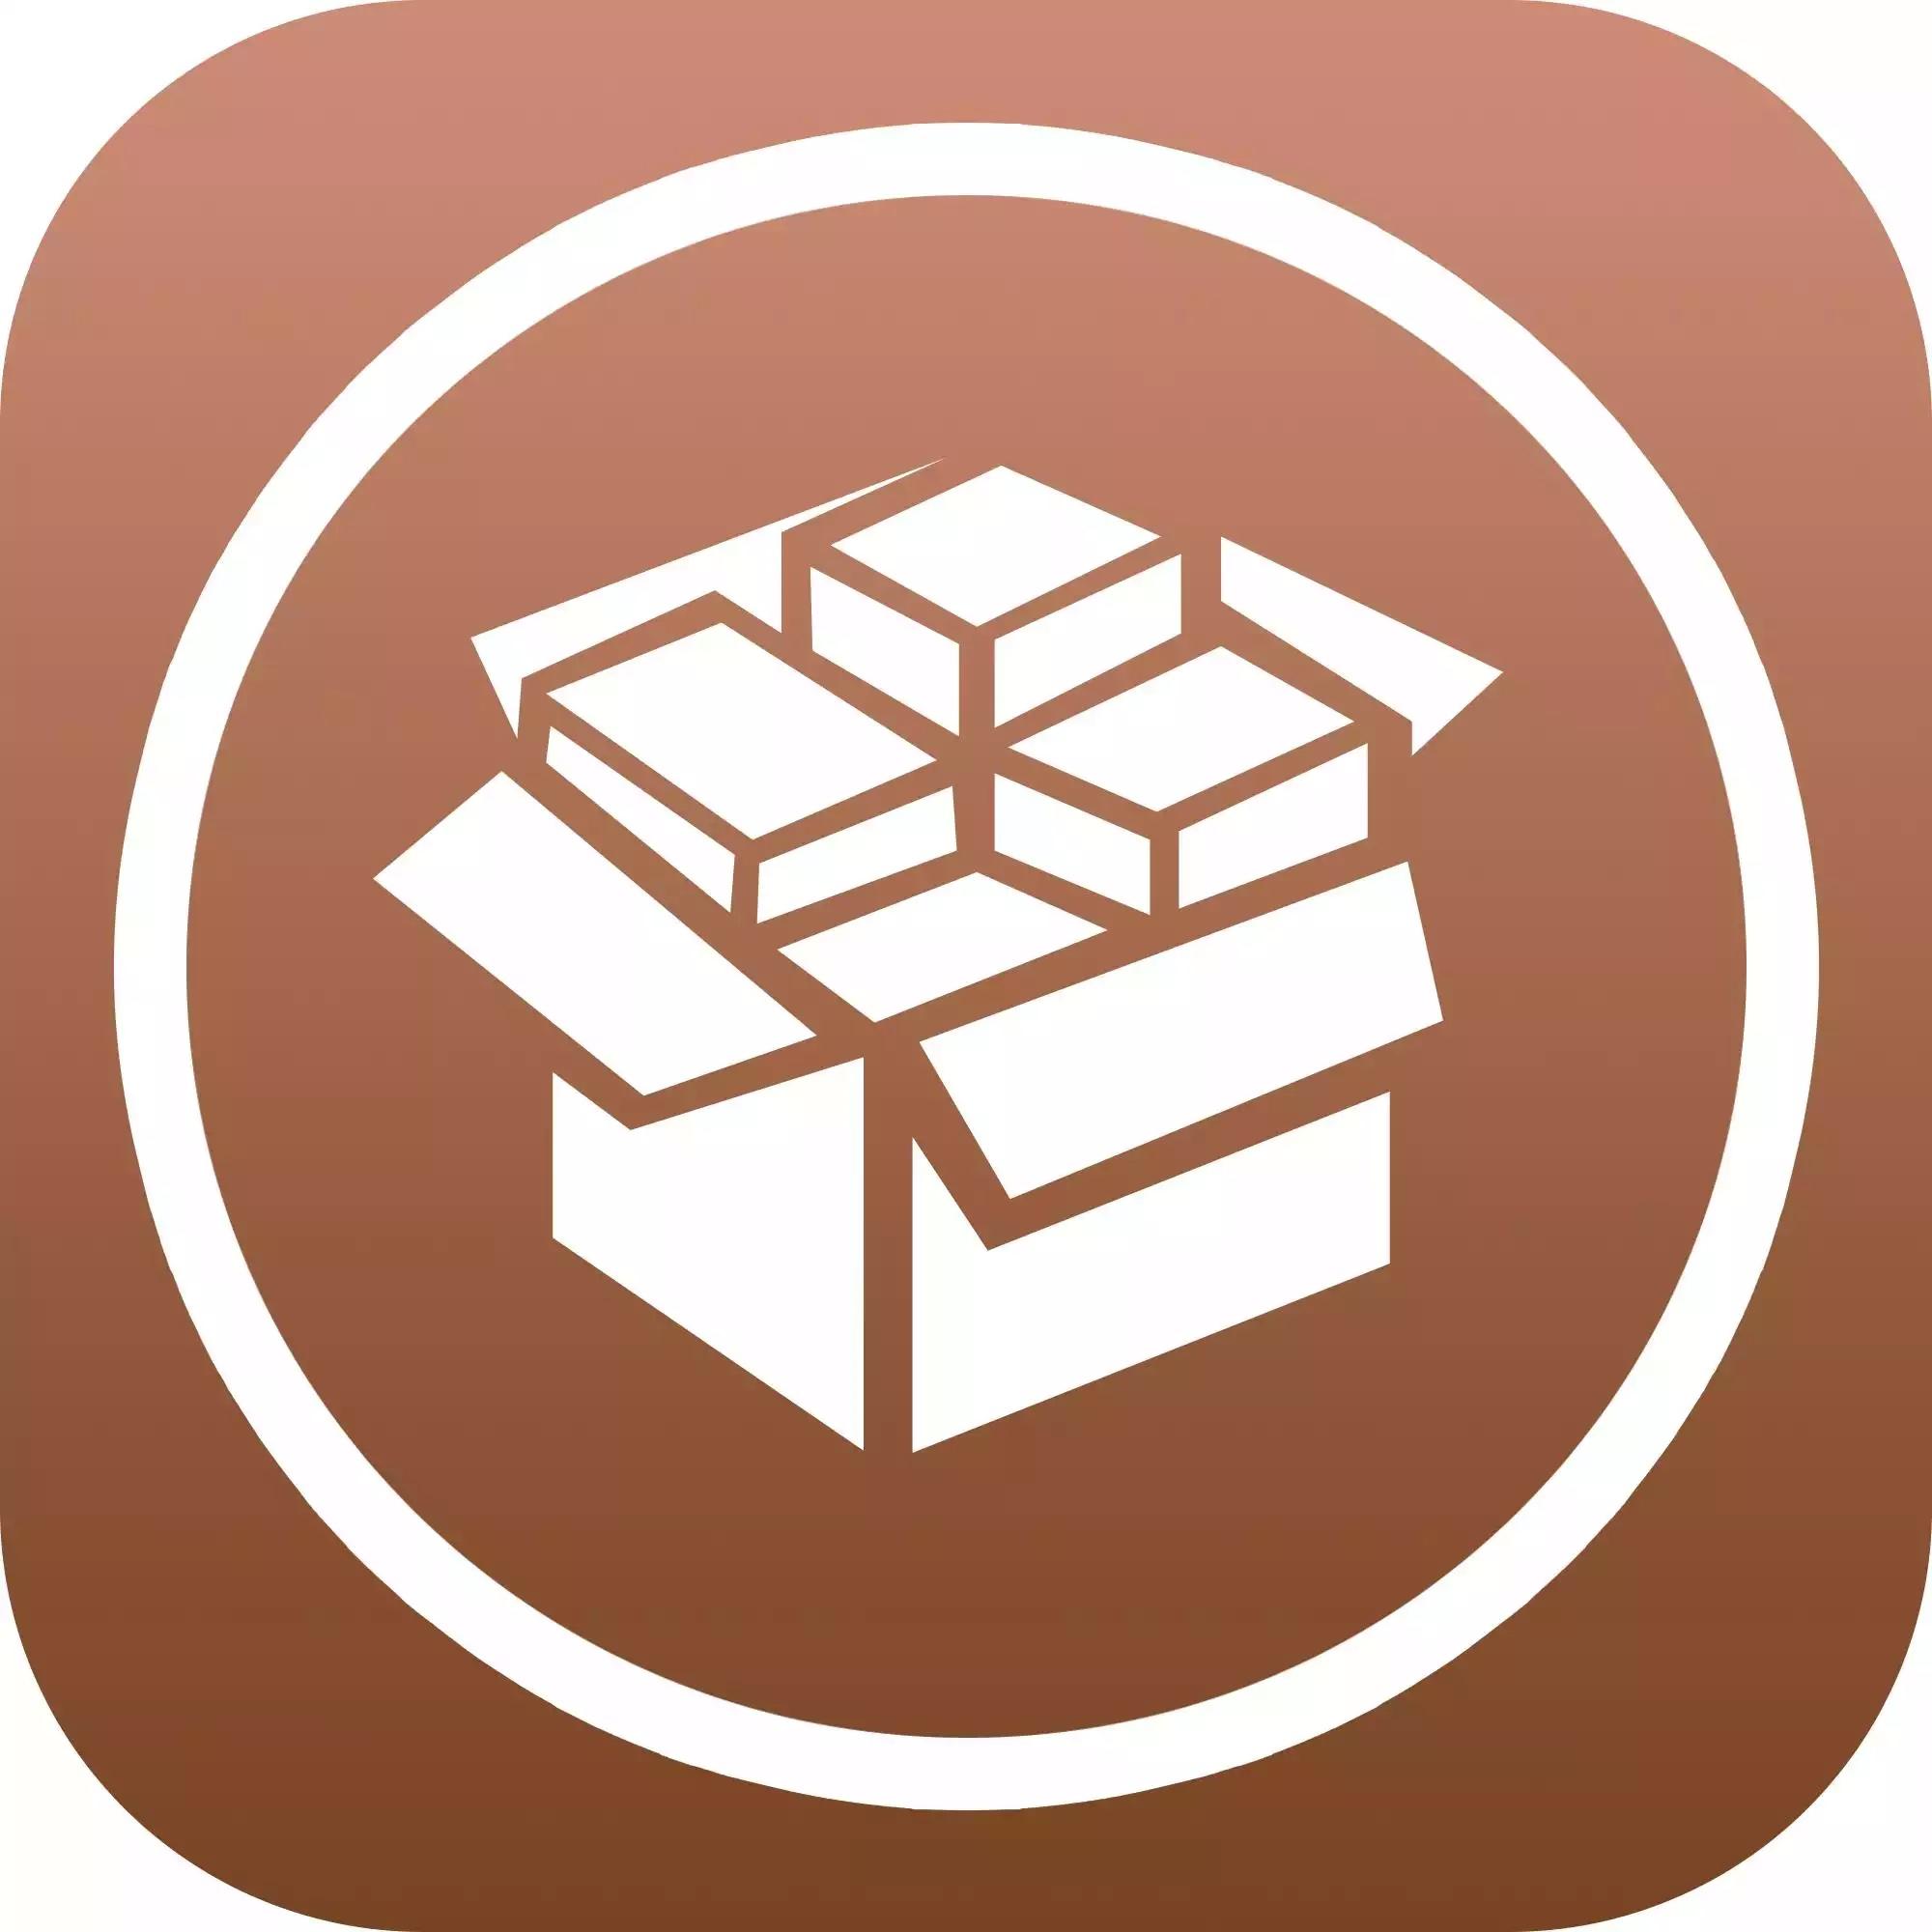 скачать cydia на ipad 3 бесплатно